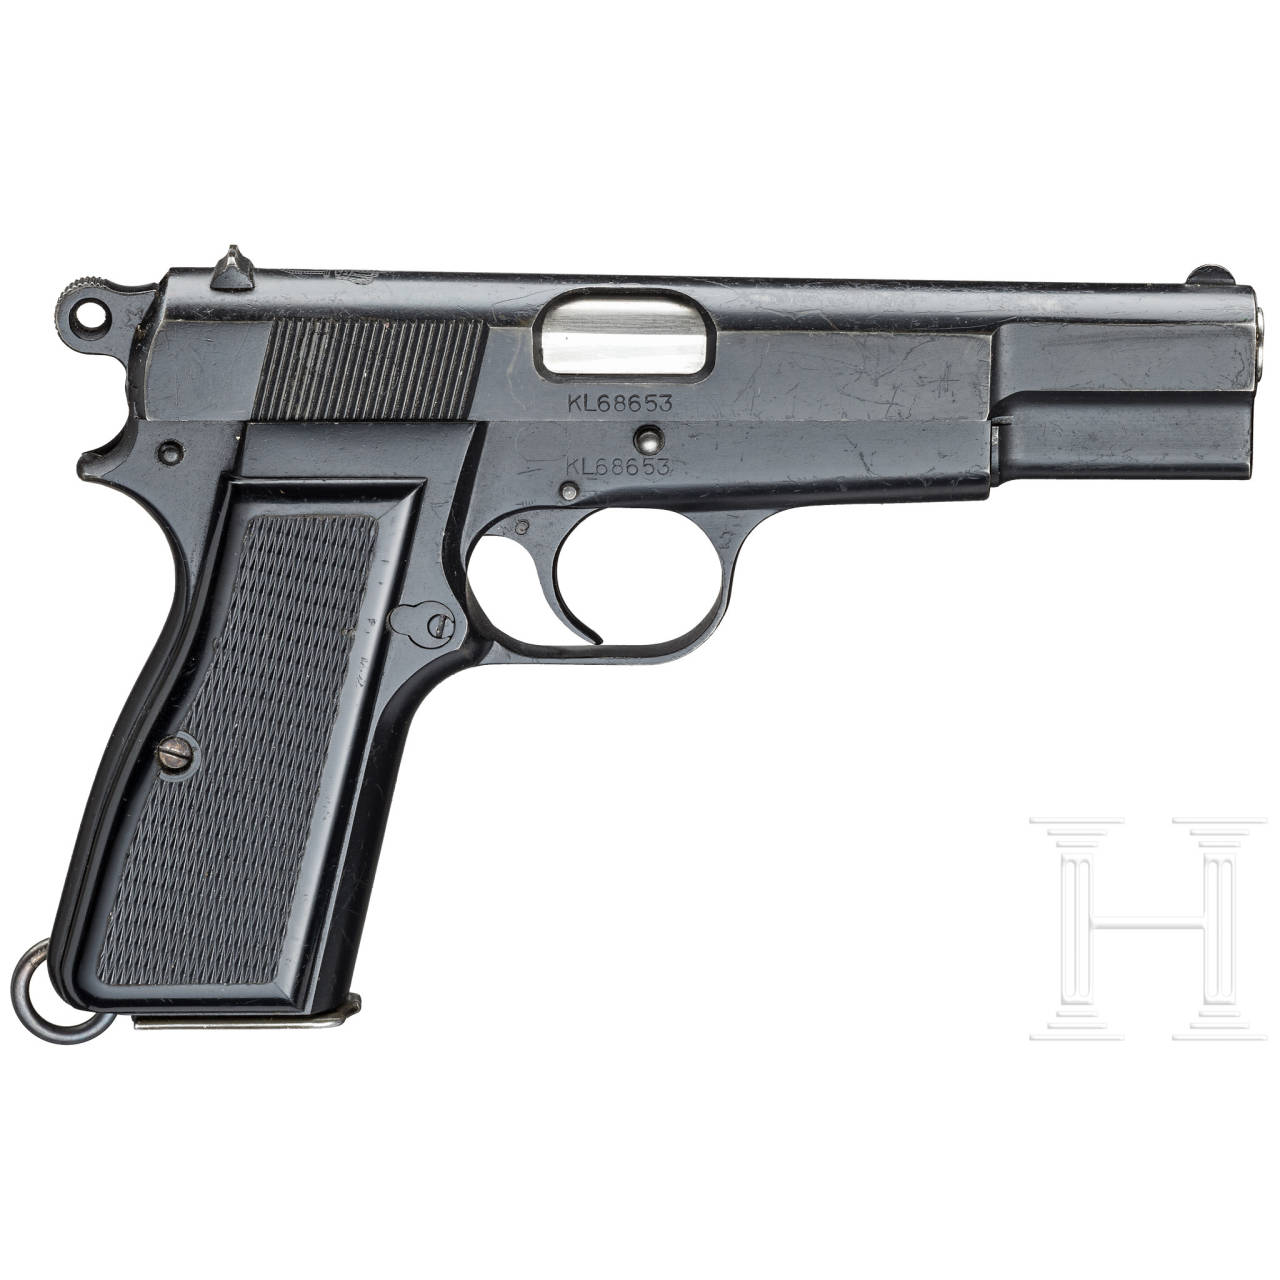 FN HP Mod. 35, mit Koffertasche und Magazintasche